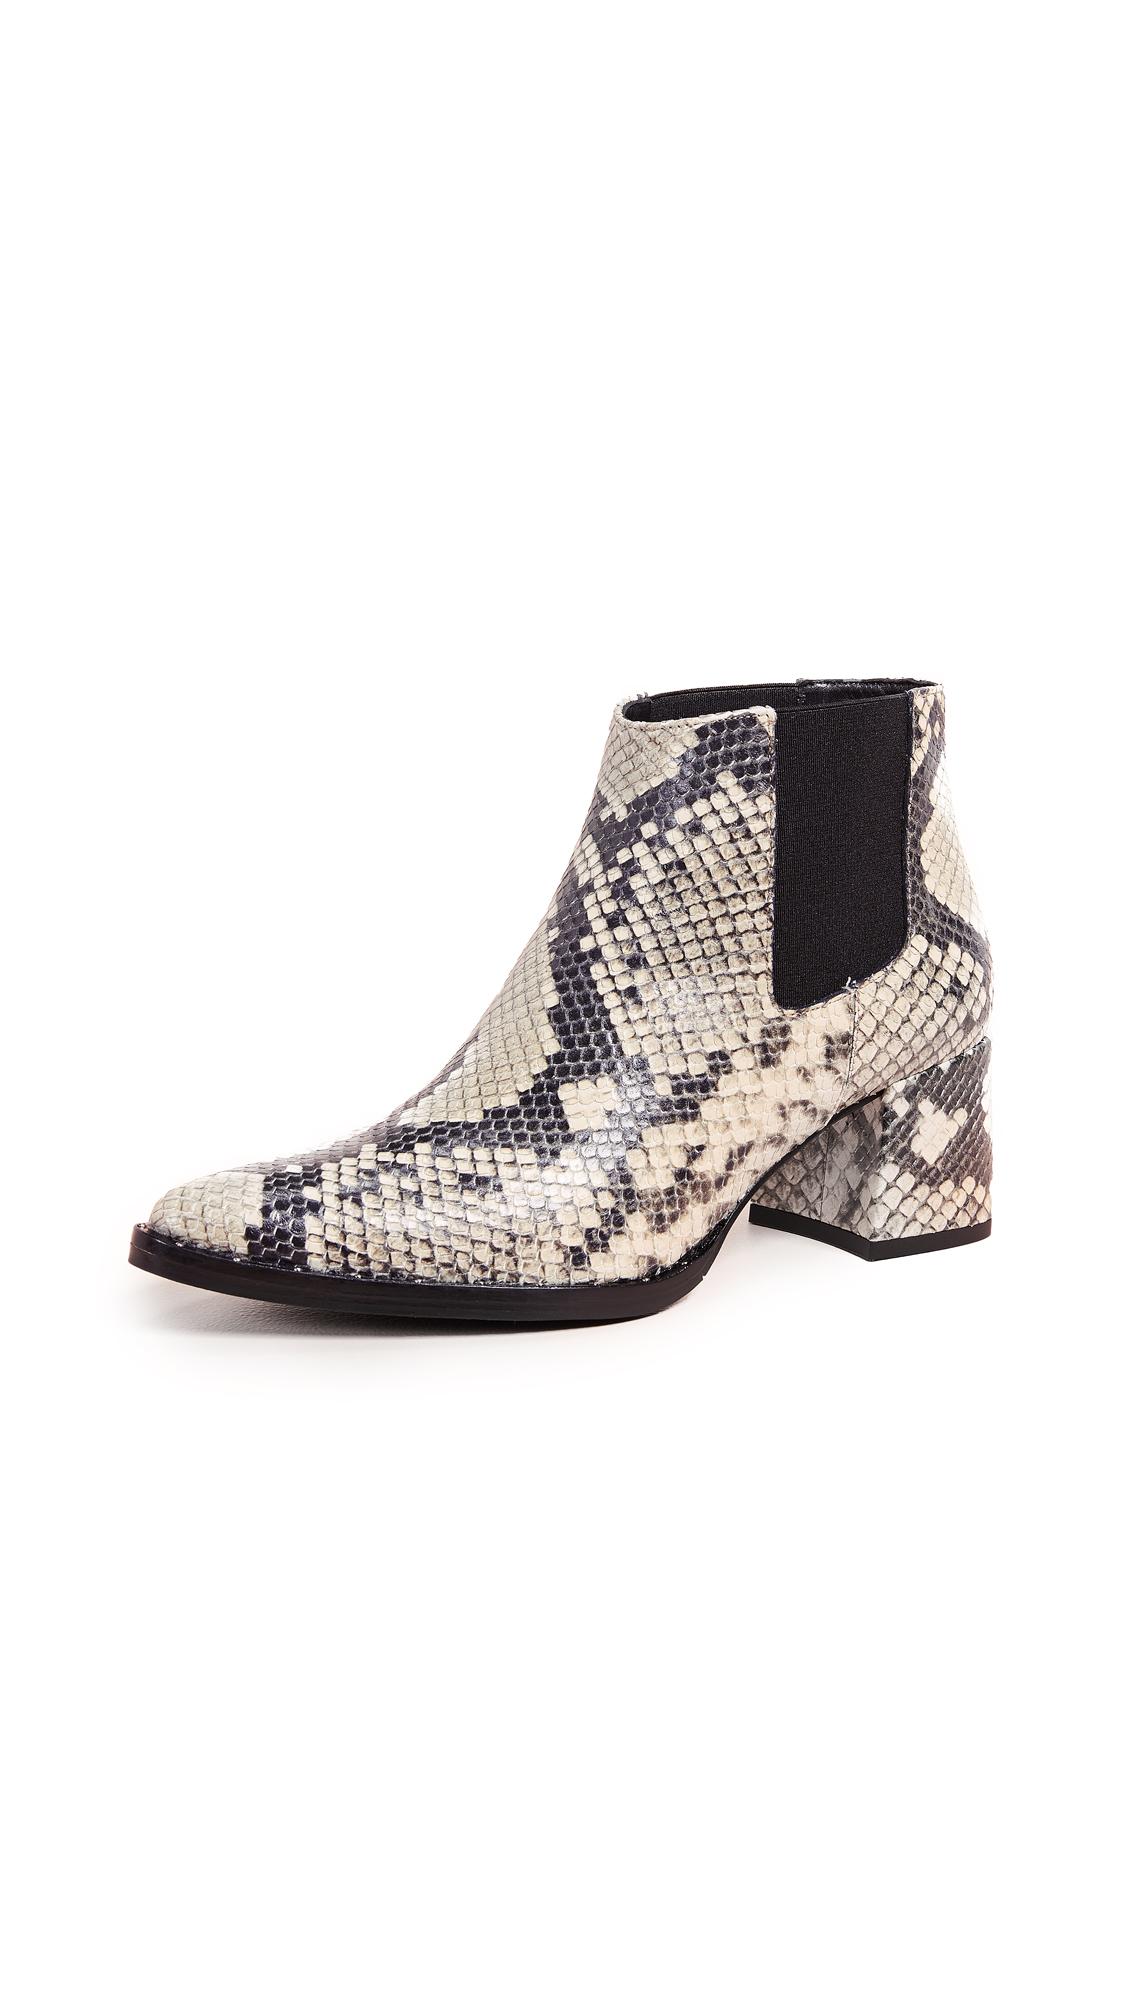 Freda Salvador Virgo Mid Heel Chelsea Boots - Grey/Black